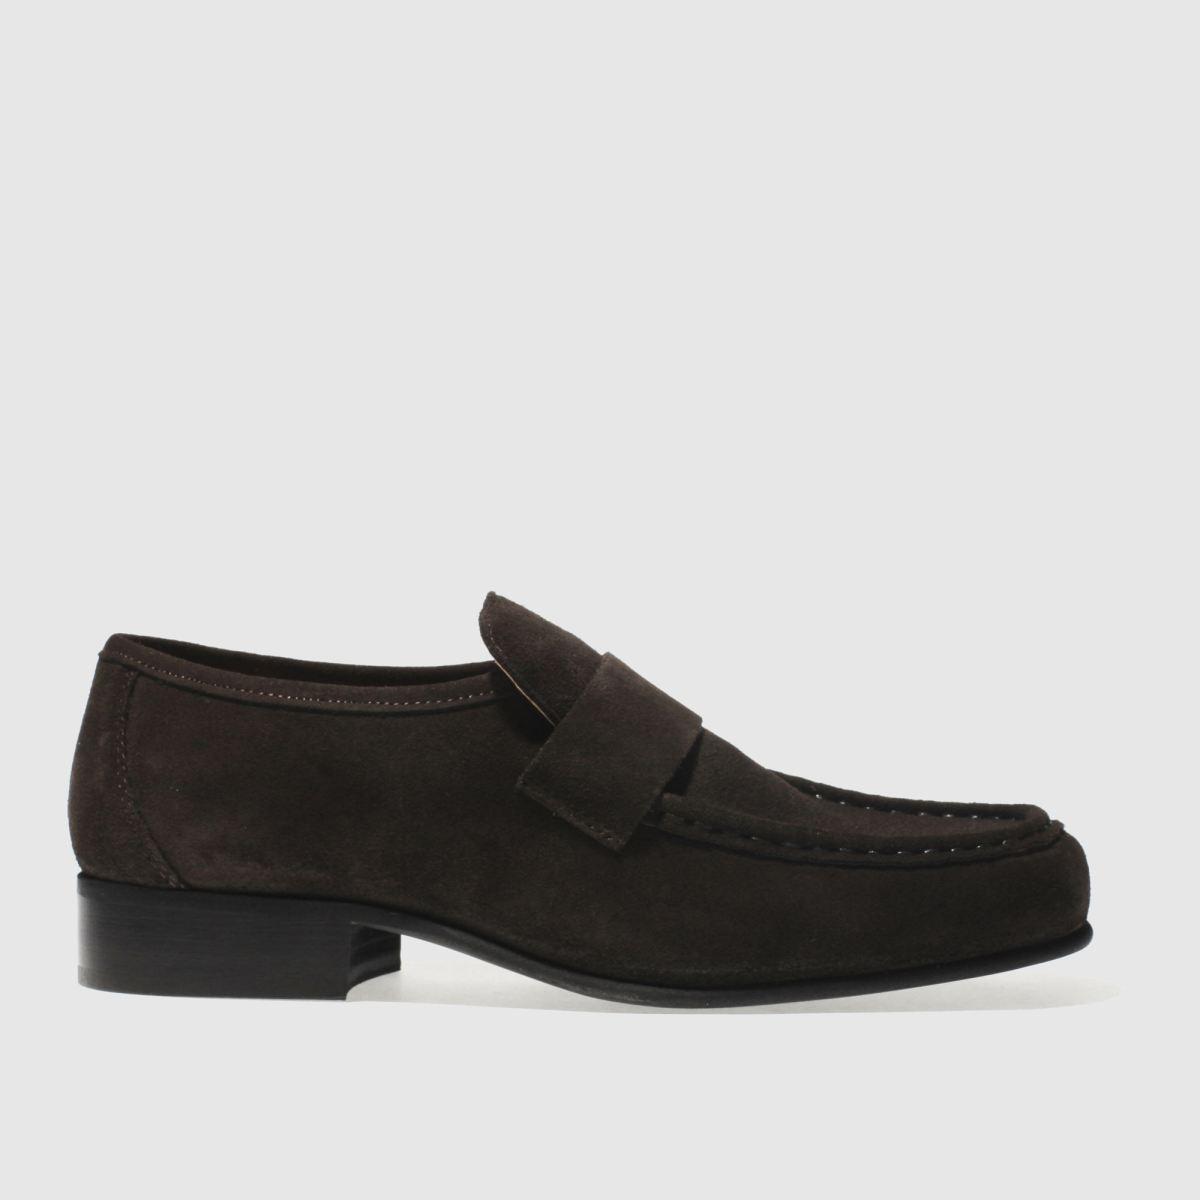 Schuh Dark Brown Argent Stax Shoes